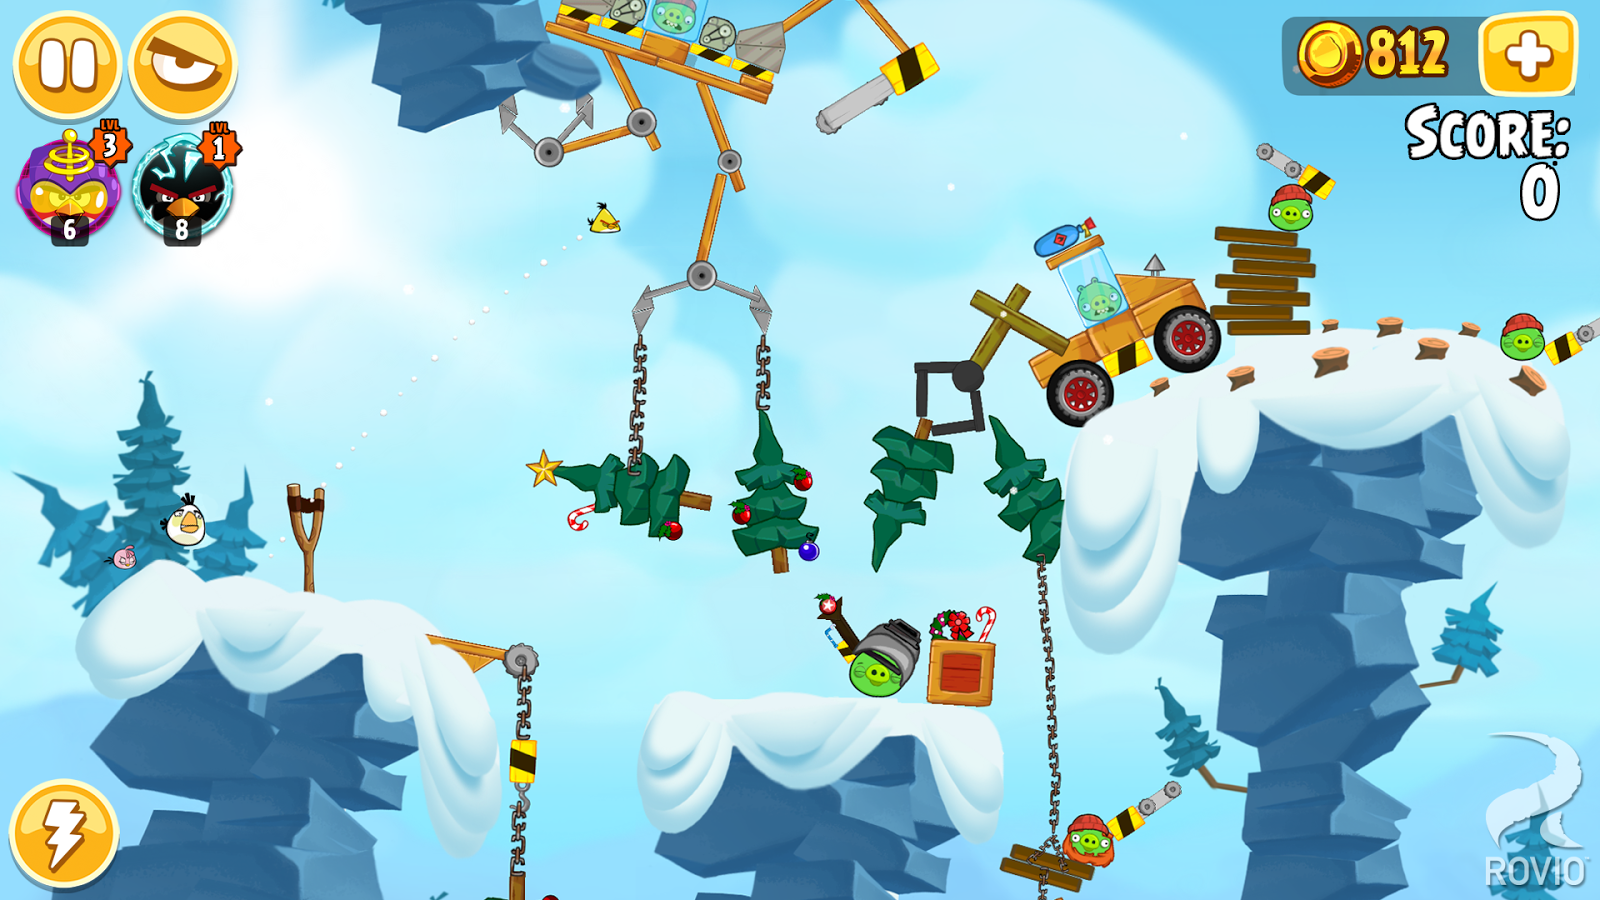 Скачать игру Angry Birds Blast на андроид …